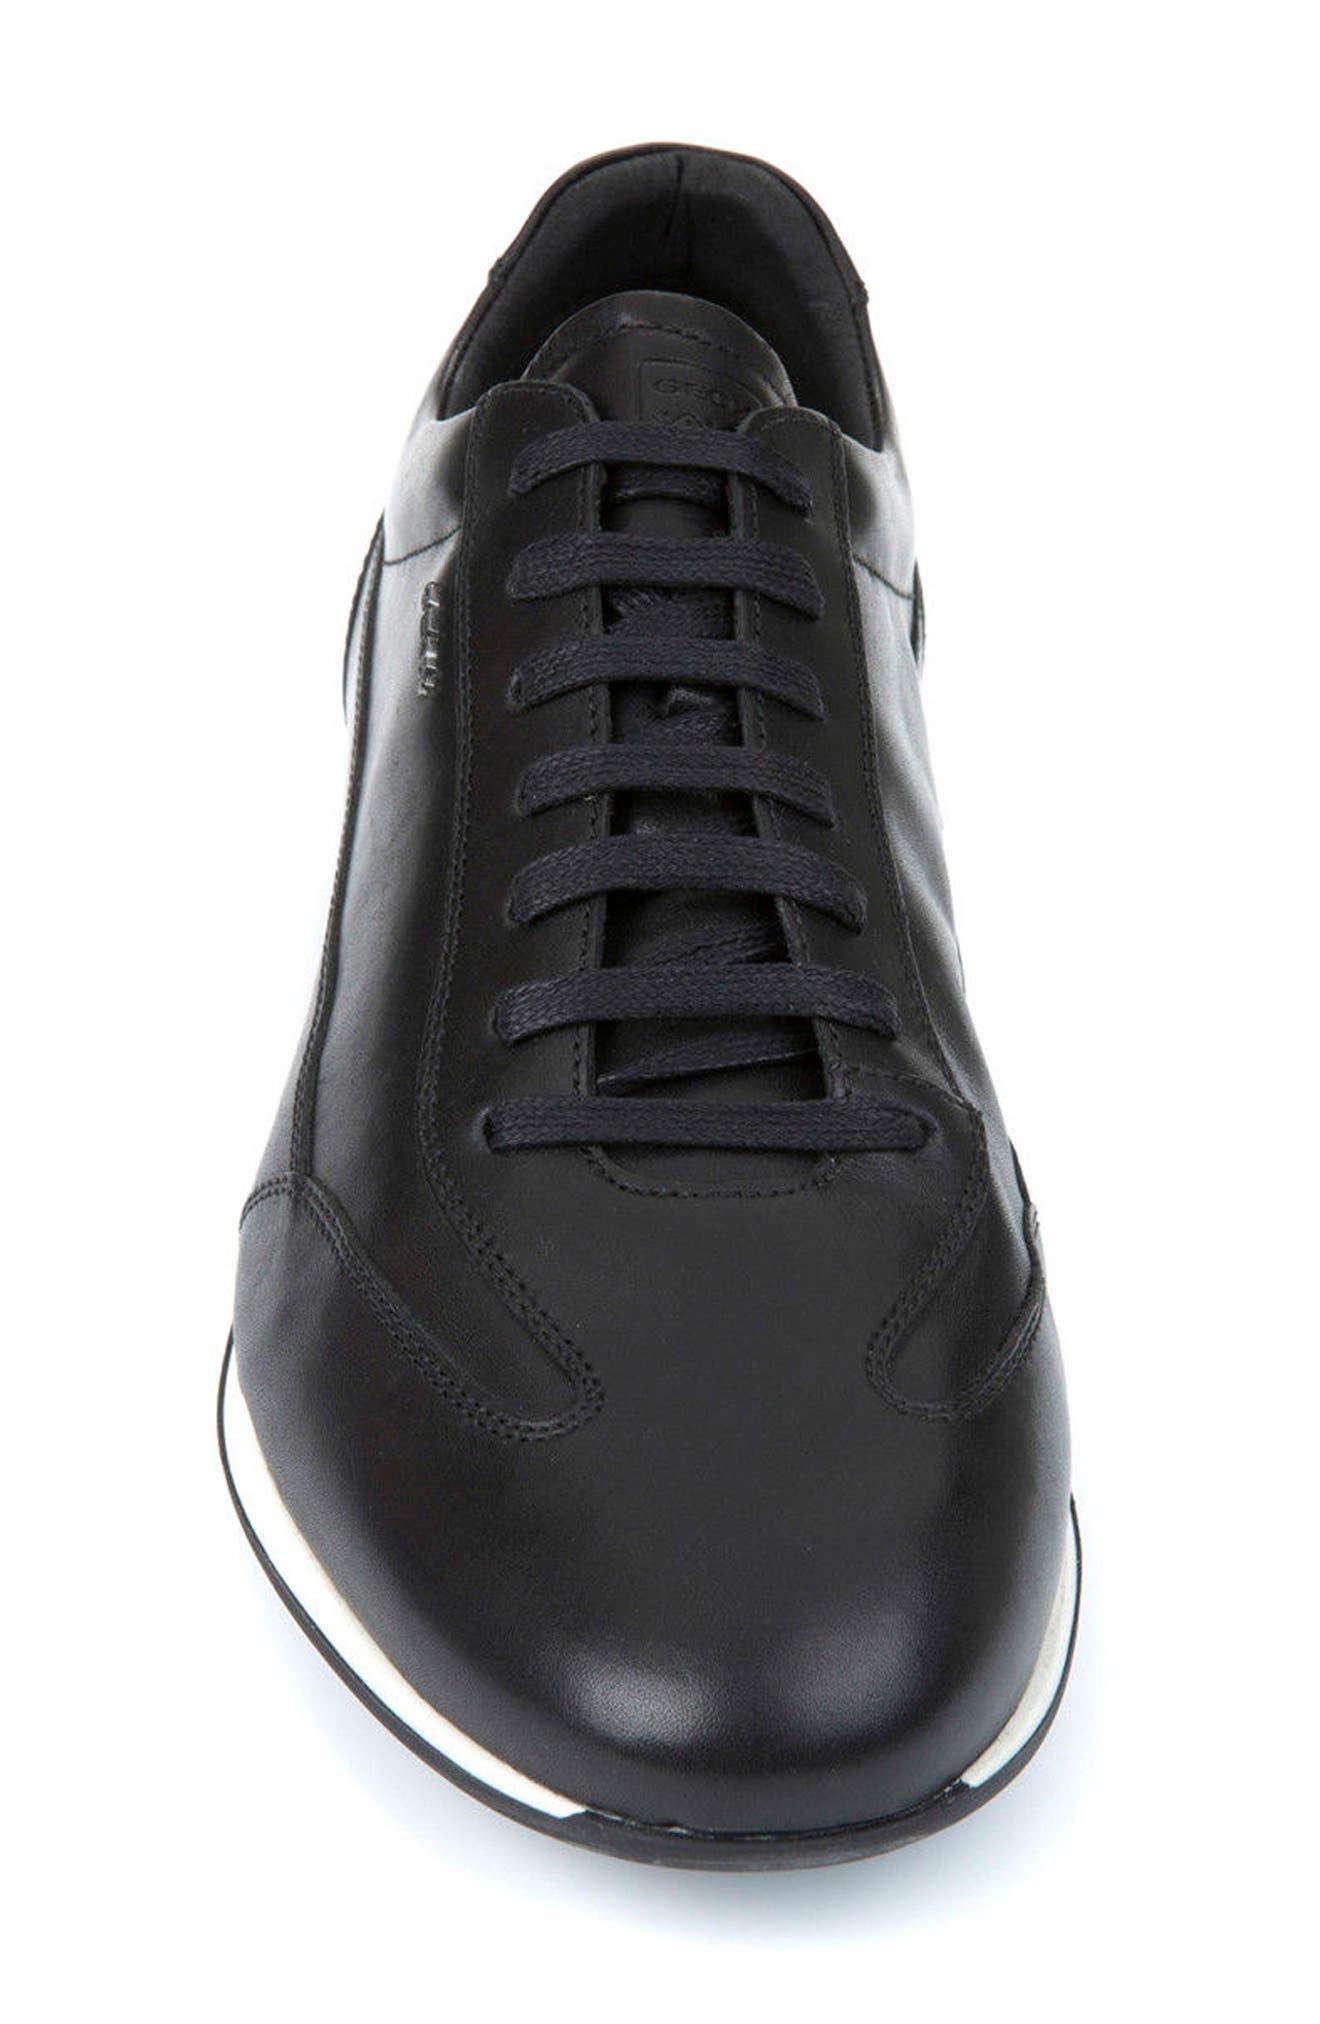 Clemet 1 Sneaker,                             Alternate thumbnail 4, color,                             001